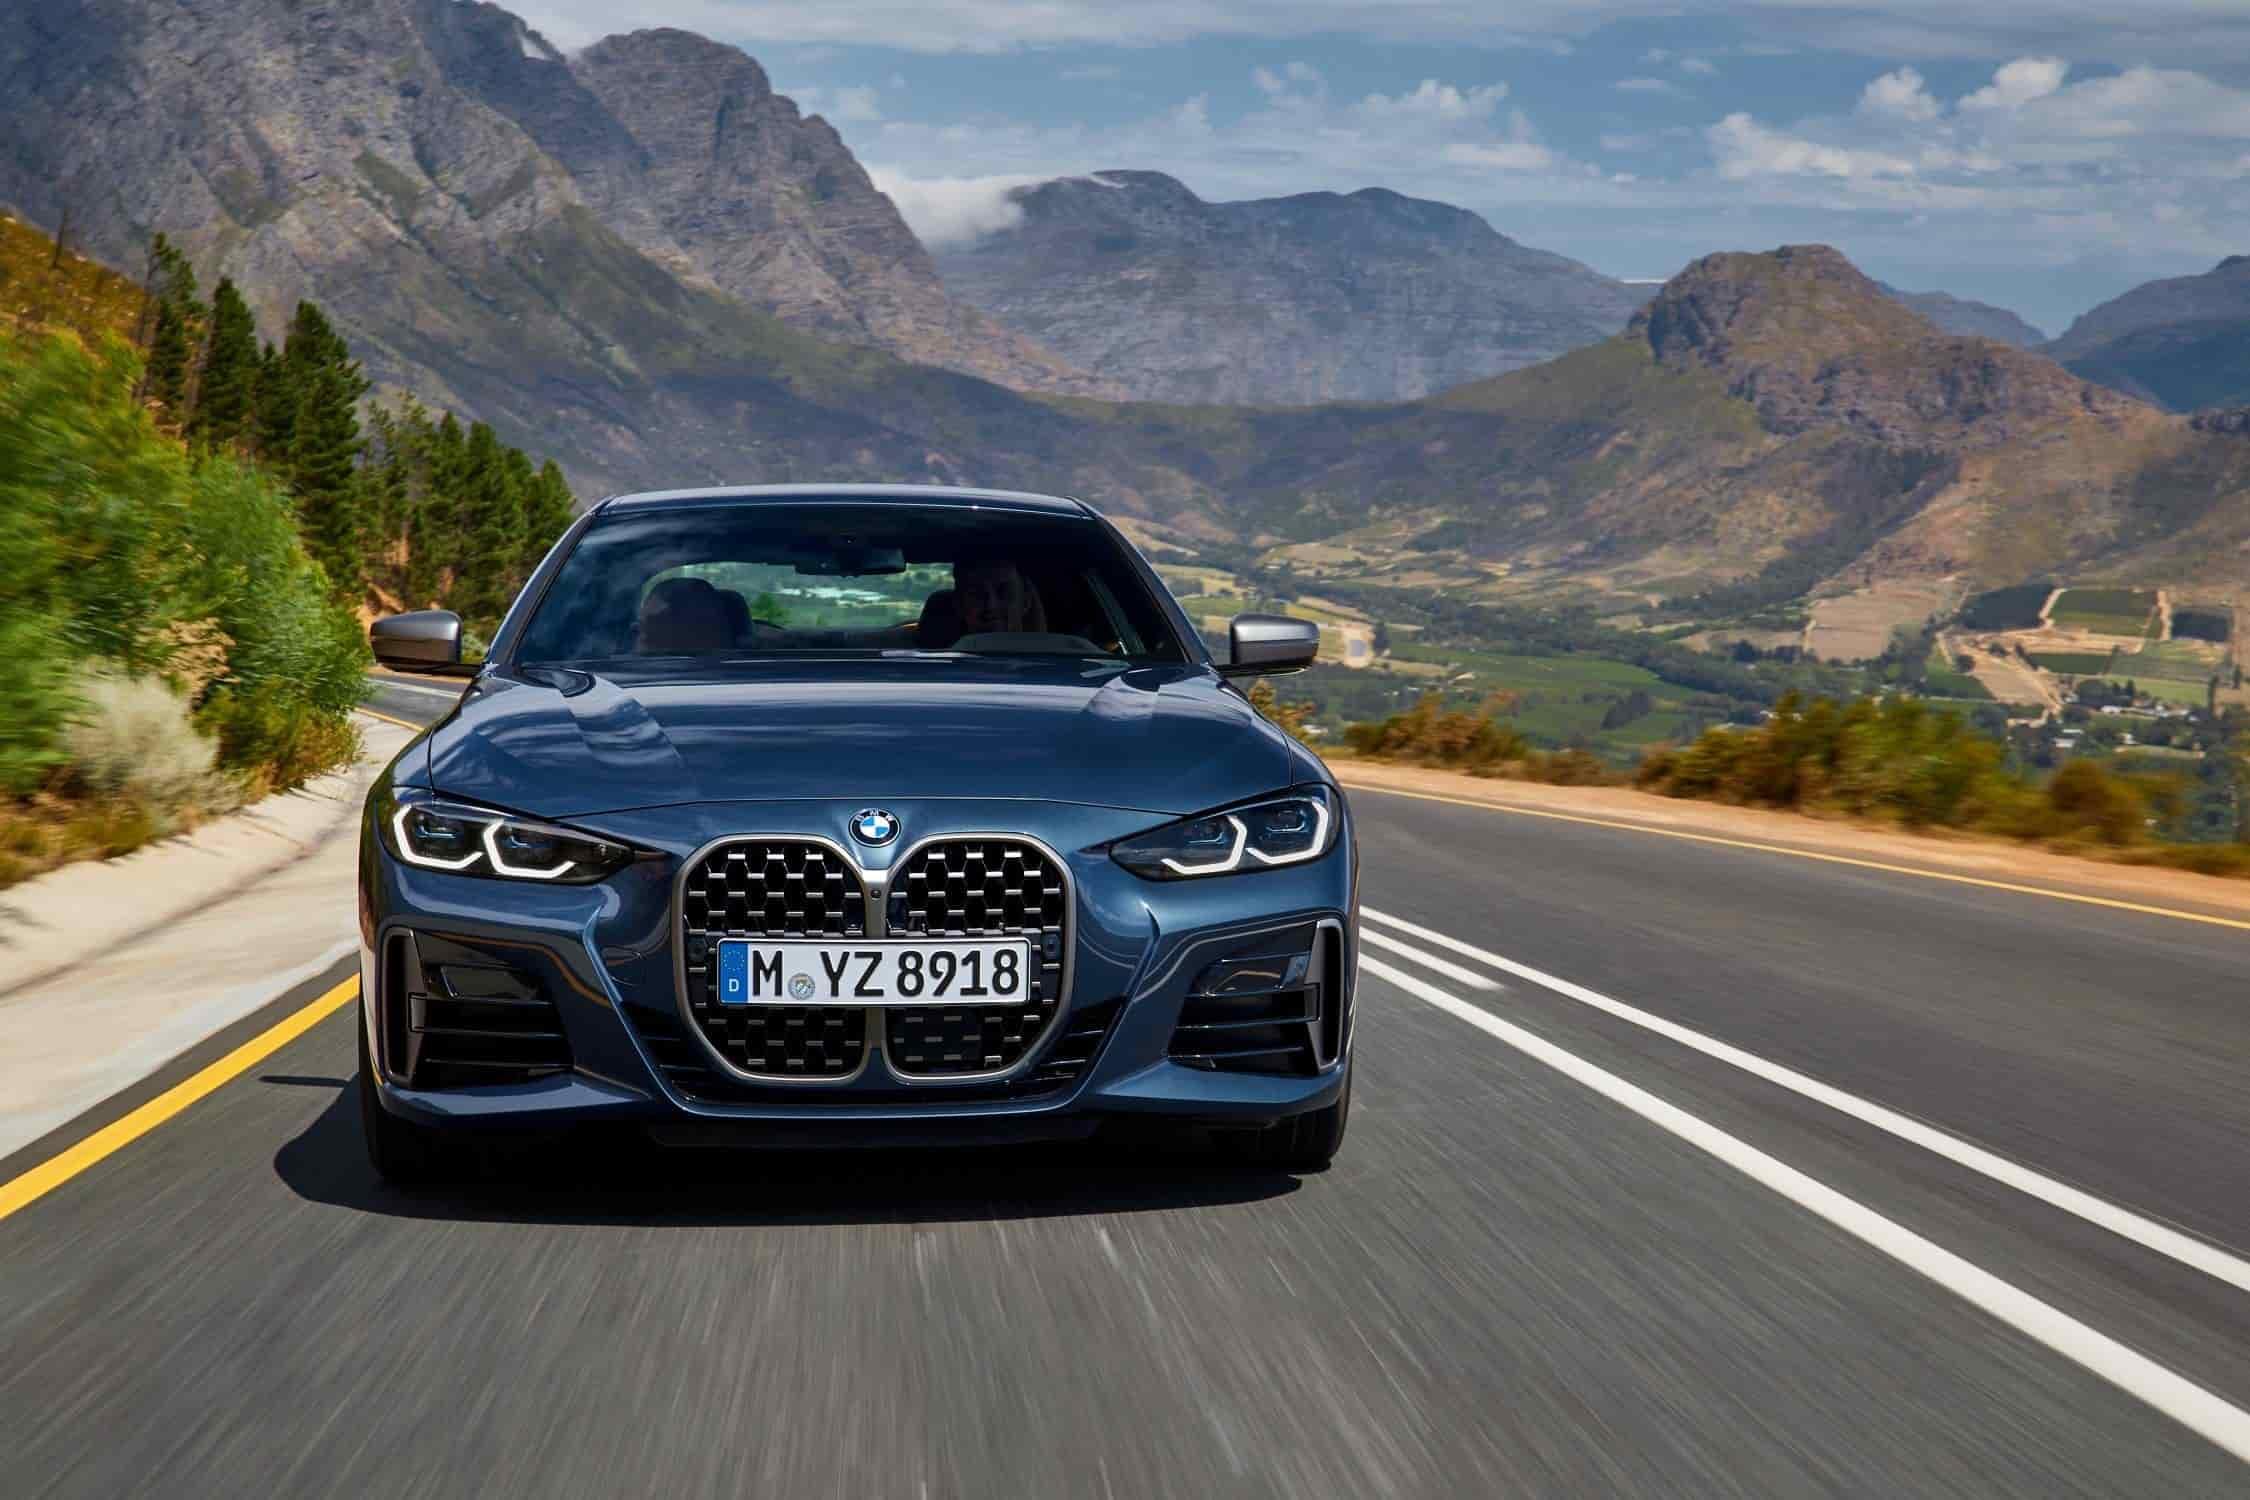 12. BMW Serie 4 Coupé - 2020.Lanzado mundialmente de manera digital, el BMW Serie 4 Coupé lanzado en 2020, incorpora una parrilla doble con una apariencia de independencia una de la otra. Cuenta con un gran tamaño y ha sido colocada de manera vertical con una ligera inclinación hacia el frente. Una mirada retrospectiva a la historia de BMW y la evolución de la parrilla muestra hasta cómo el nuevo BMW Serie 4 Coupé sigue la legendaria tradición de los vehículos deportivos del fabricante bávaro. Clásicos sobresalientes como el BMW 328 Coupé de la década de 1930 y el BMW 3.0 CS de la década de 1970 forman parte de la fascinante historia de los coupés de BMW, una historia caracterizada por el prestigio, el placer de conducir y el éxito en la pista que ahora se enriquece con la incorporación de otro capítulo. El BMW Serie 4 Coupé, uno de los más recientes de la marca, conserva la tradición de los legendarios deportivos BMW y ha sido considerado como una interpretación vanguardista y a la vez continuista del ADN de la marca.